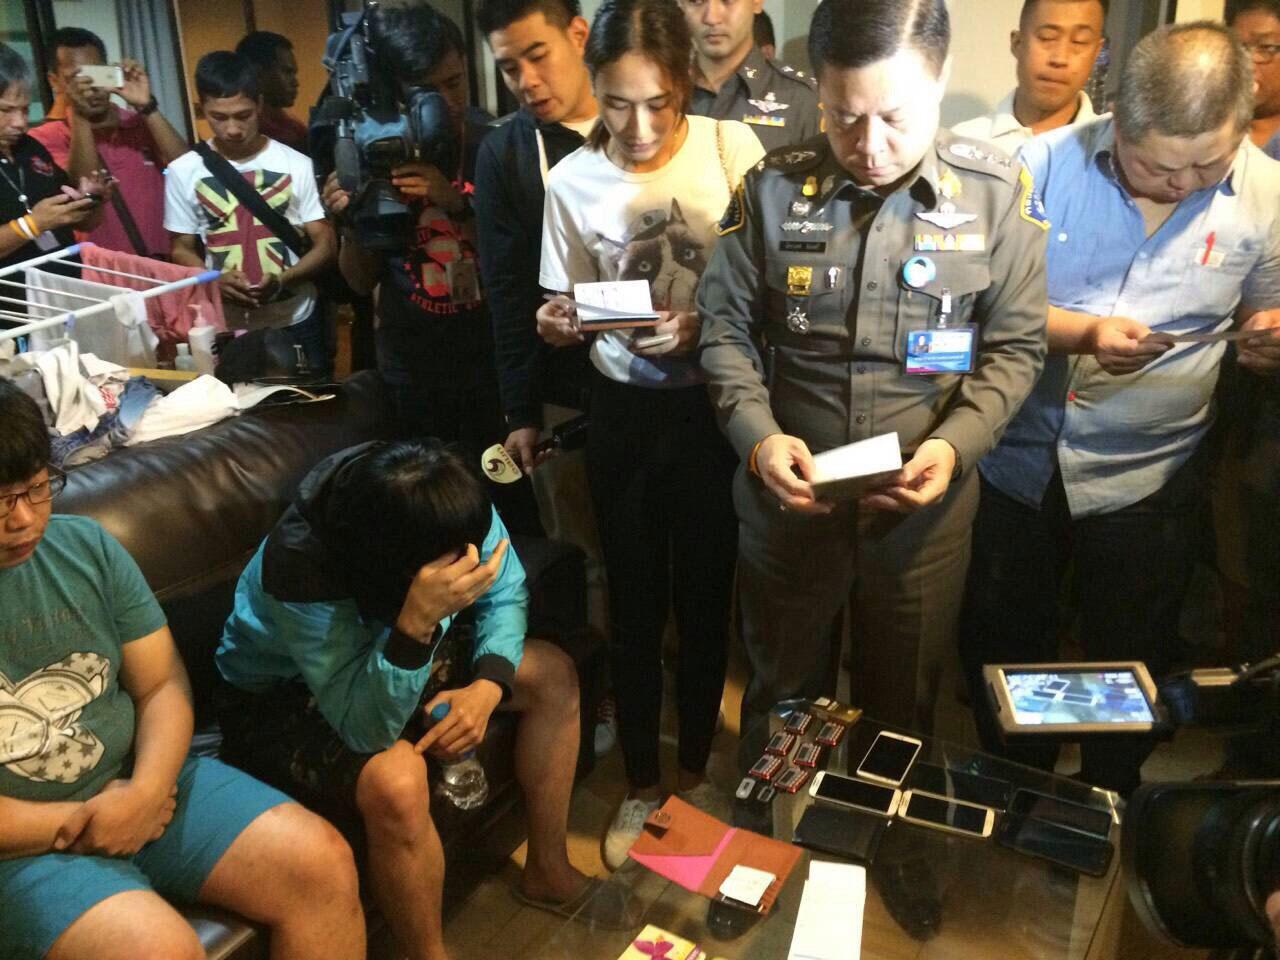 ตร.กองปราบฯ บุกจับ 3 นักพนันออนไลน์ สัญชาติเกาหลีใต้ ที่สุขุมวิท69